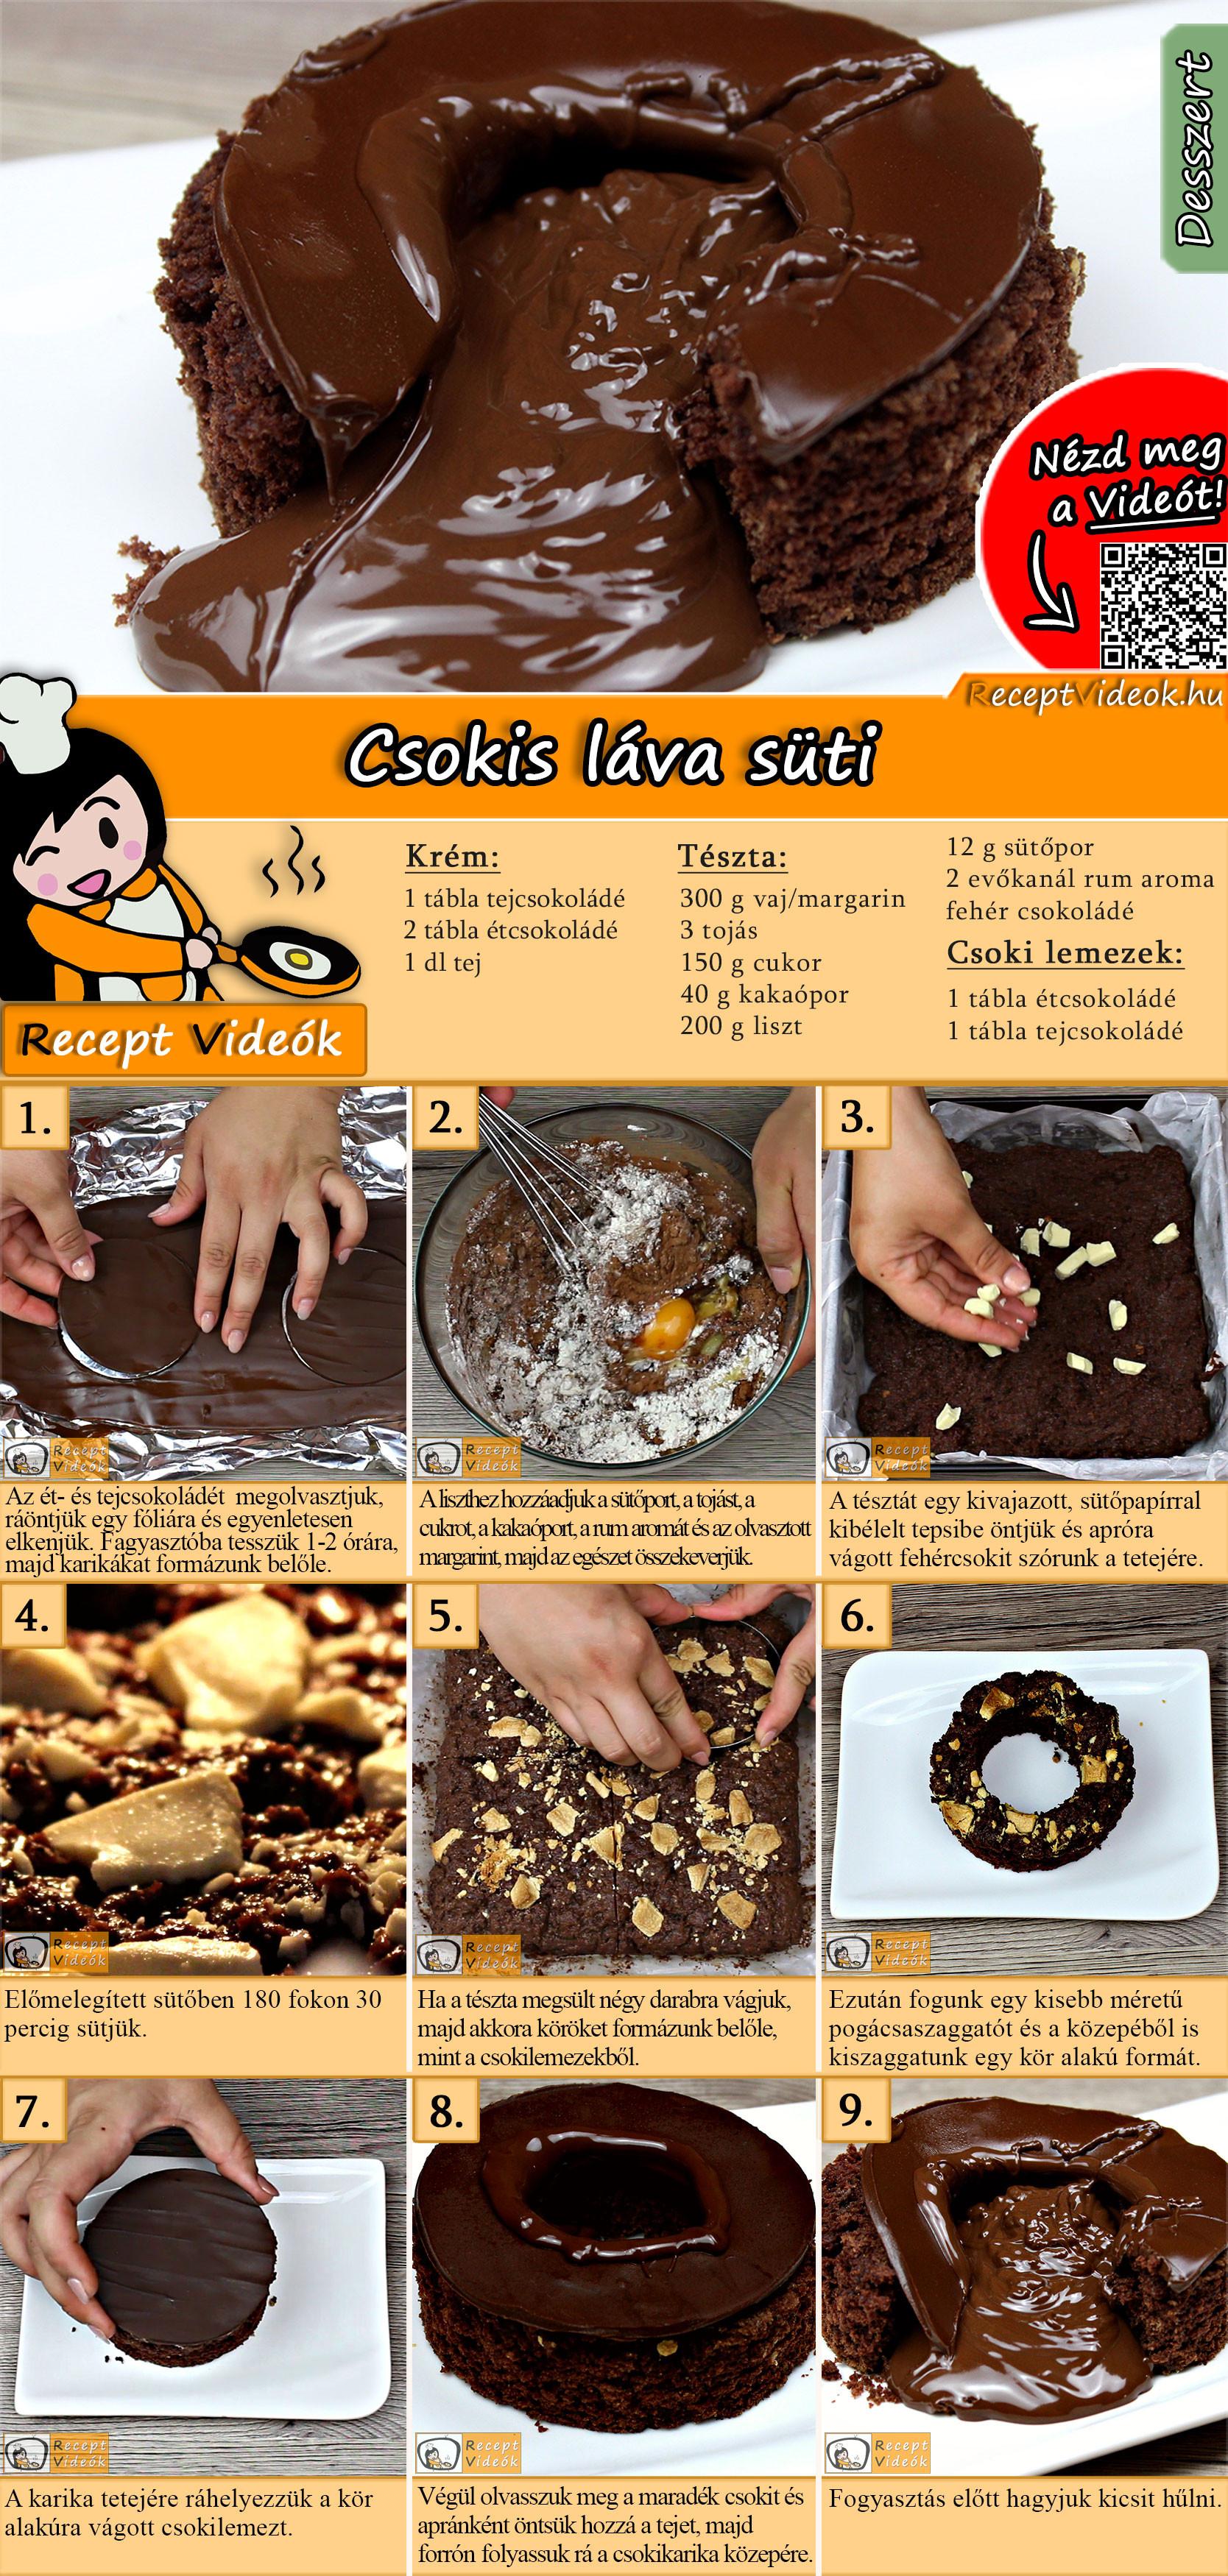 Csokis láva süti recept elkészítése videóval